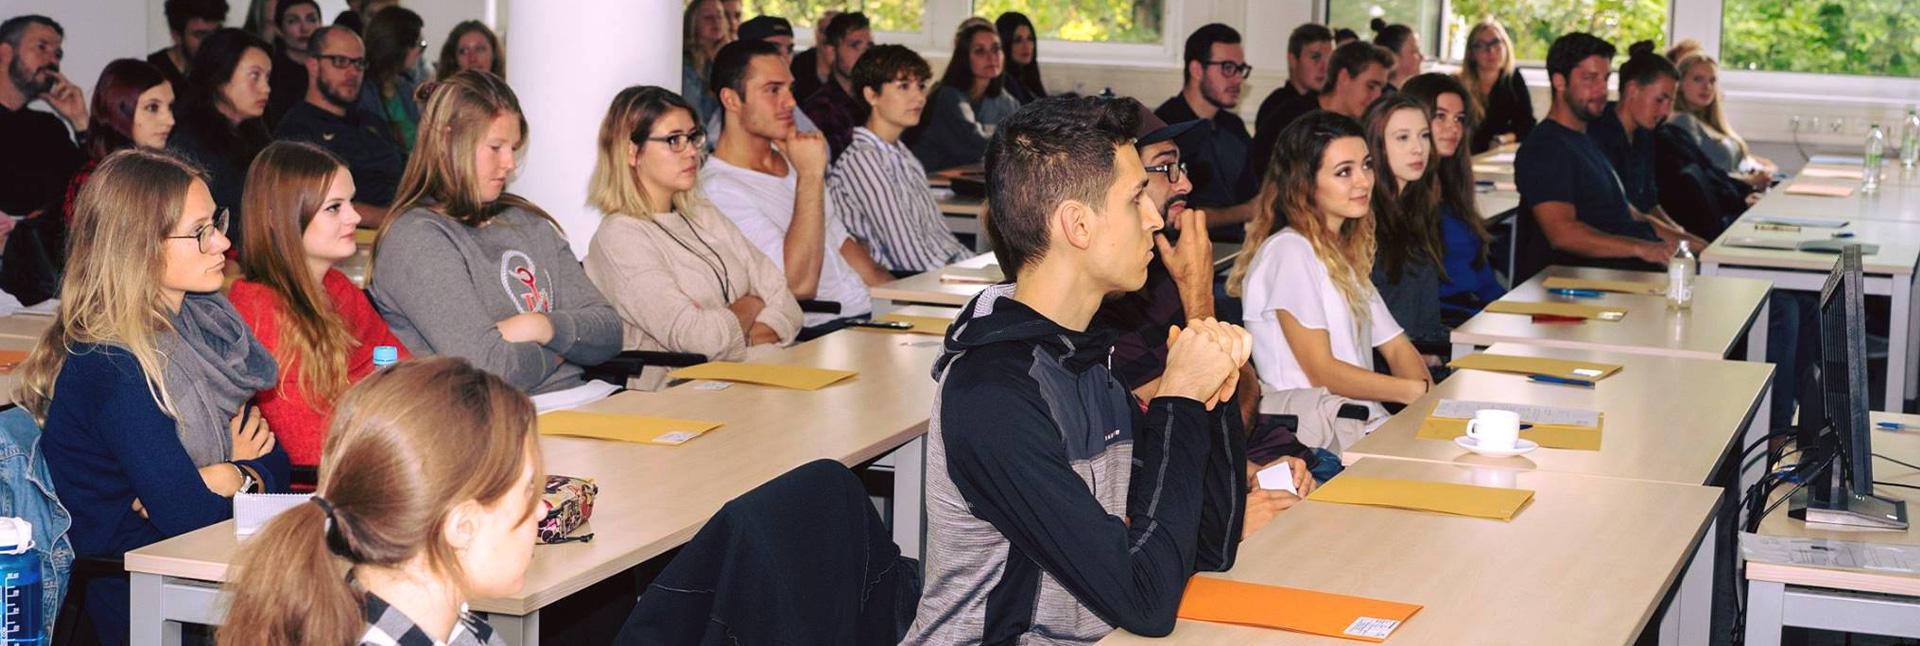 Studenten blicken interessiert nach vorne zum Dozenten.